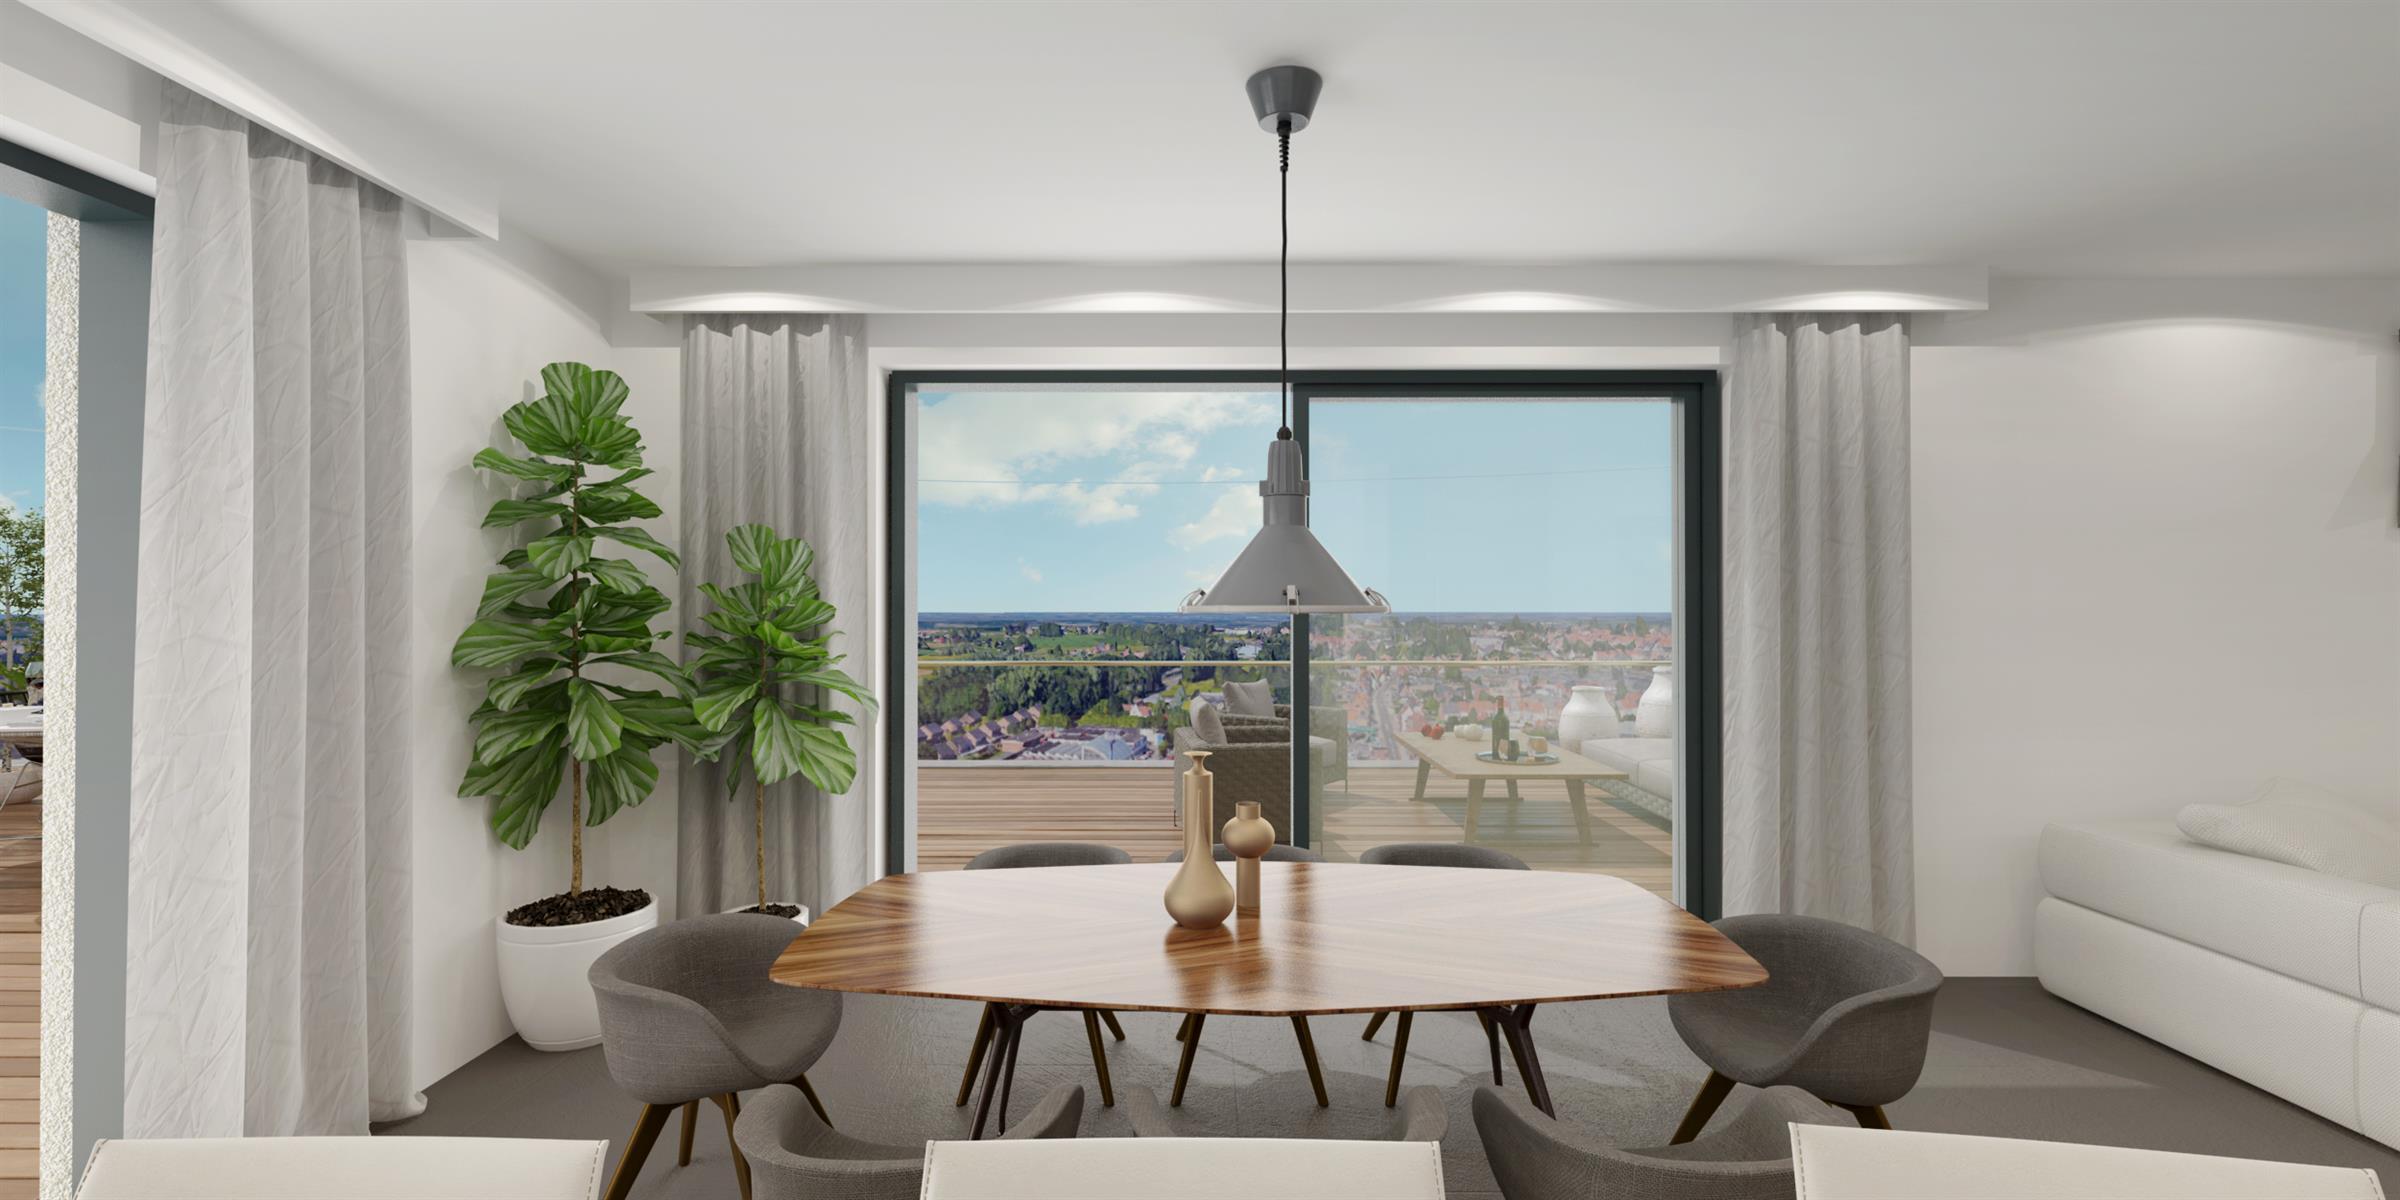 Appartements à vendre à Mouscron - Possibilité TVA à 6% (sous conditions)